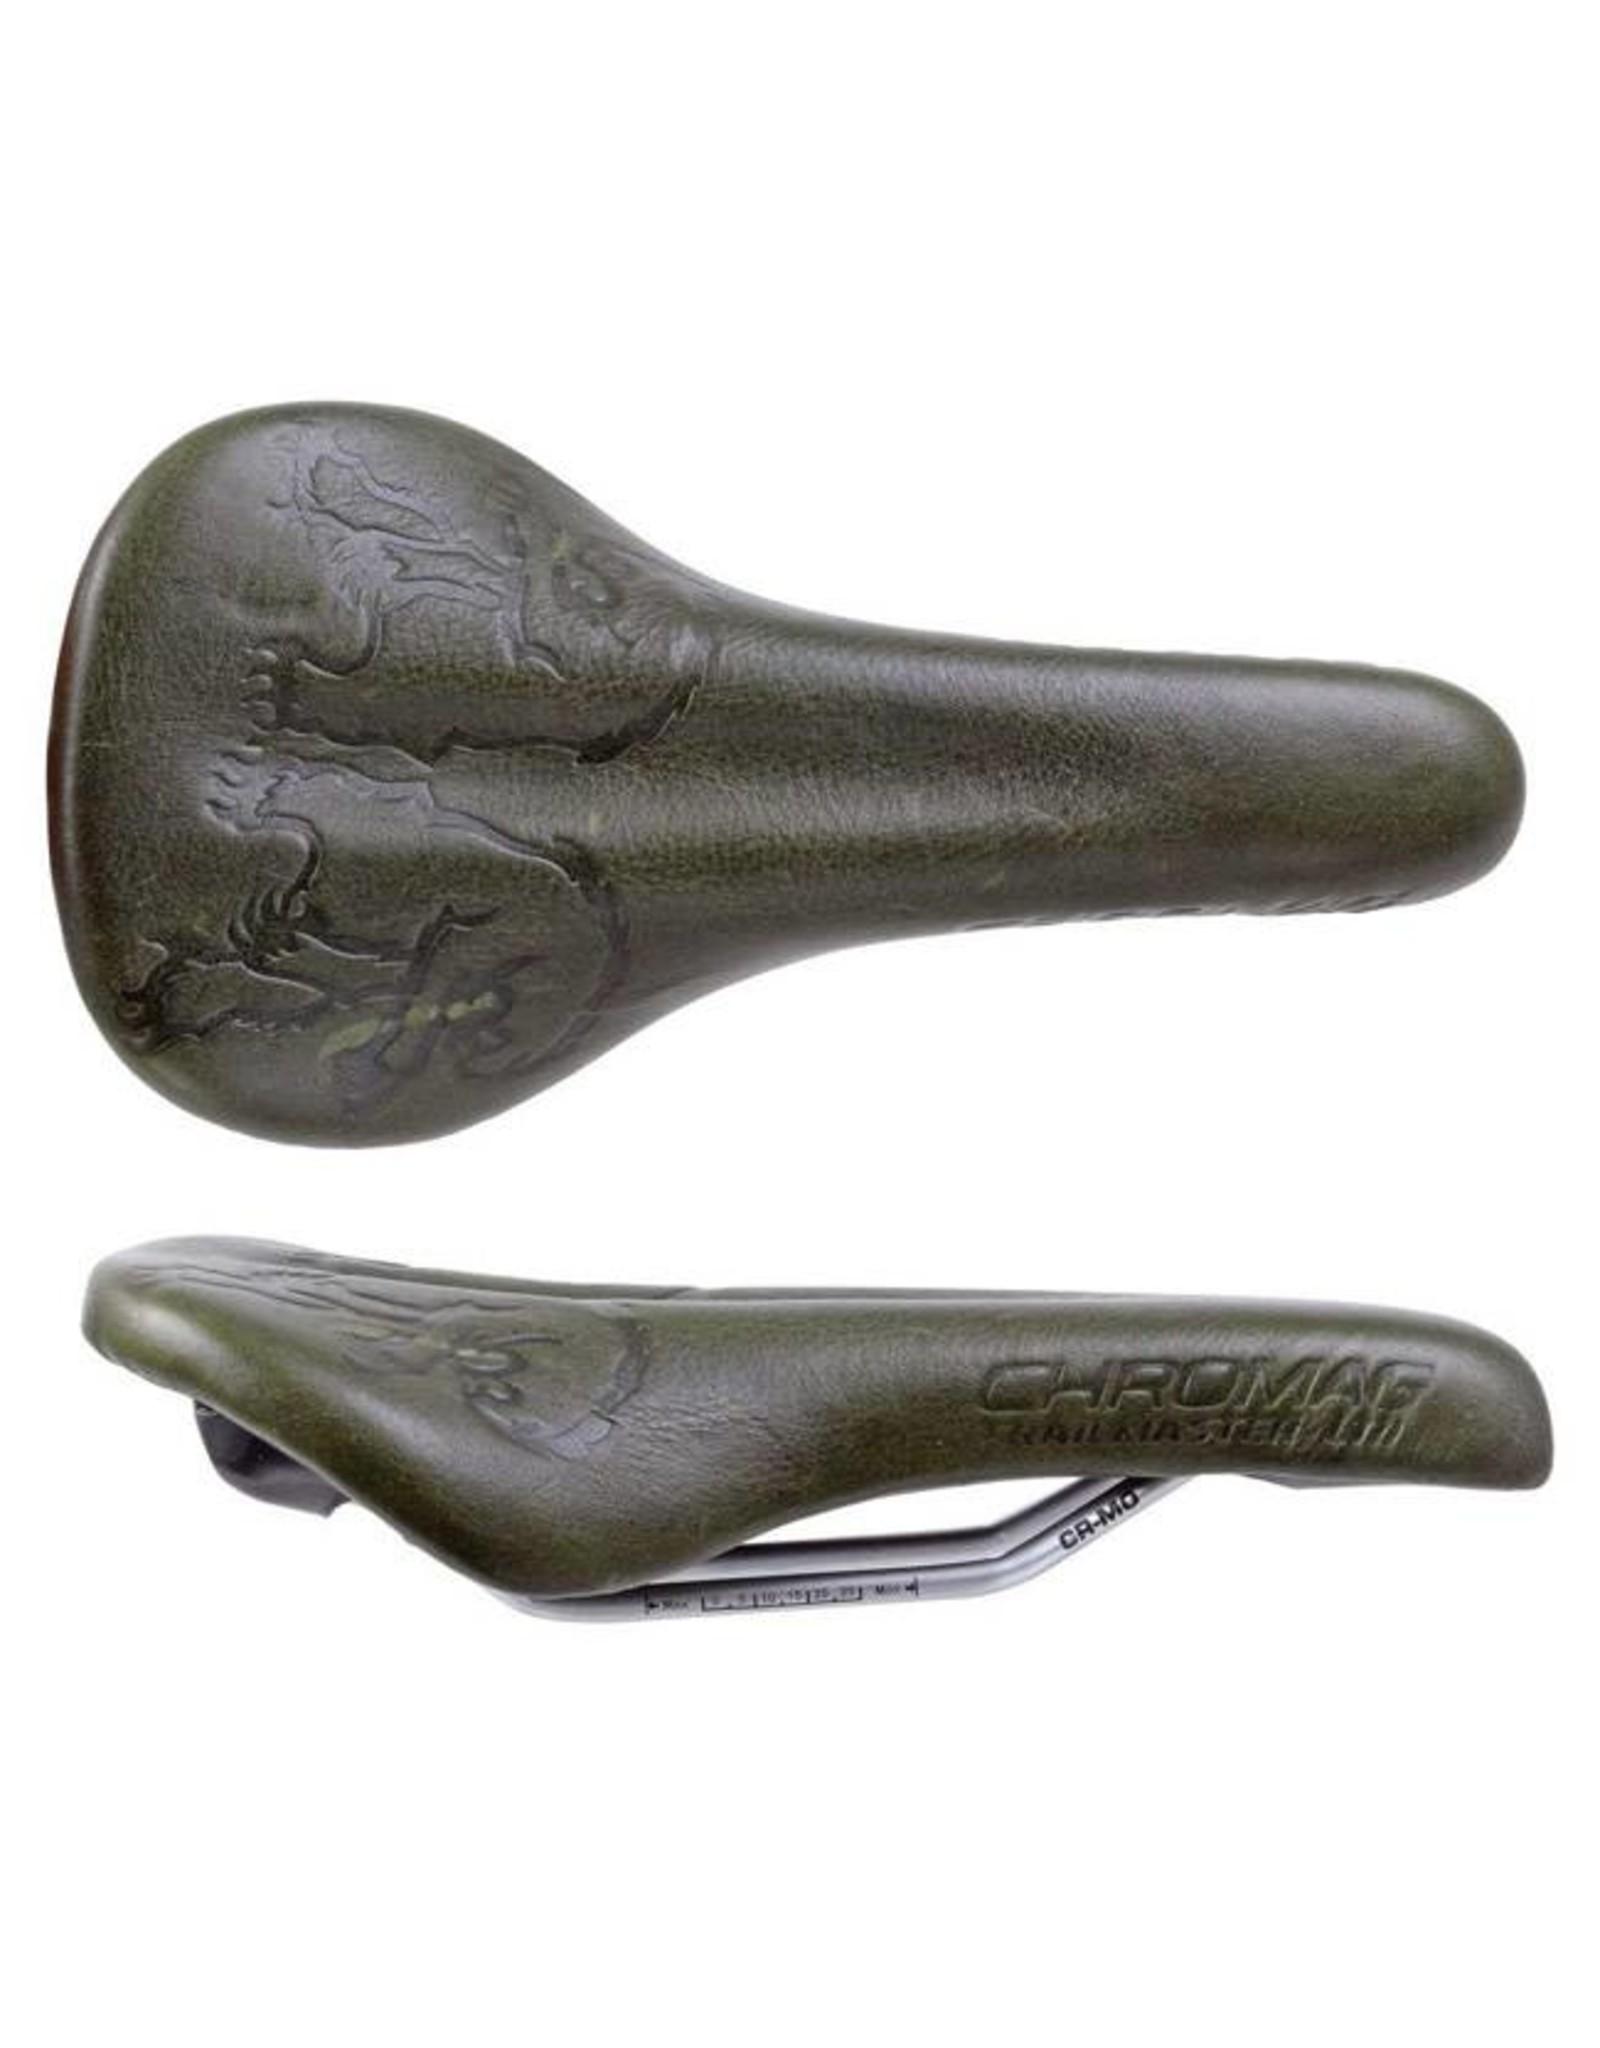 Chromag Trailmaster LTD Saddle: Oiled Leather Cover, Pine